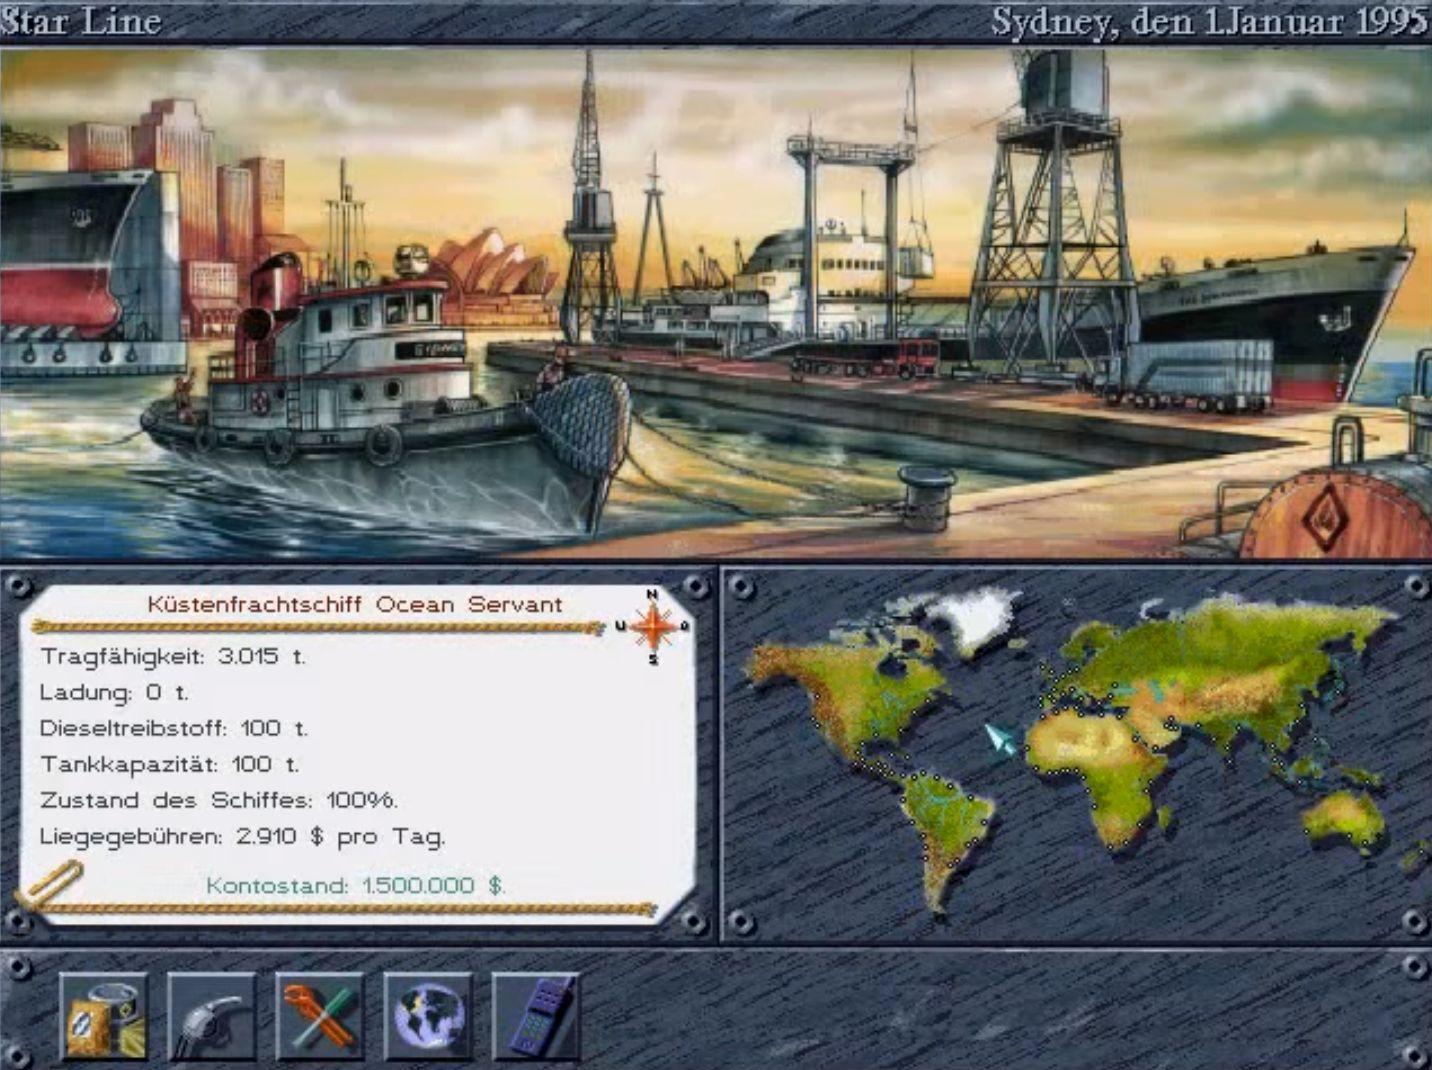 Reederei Spiel